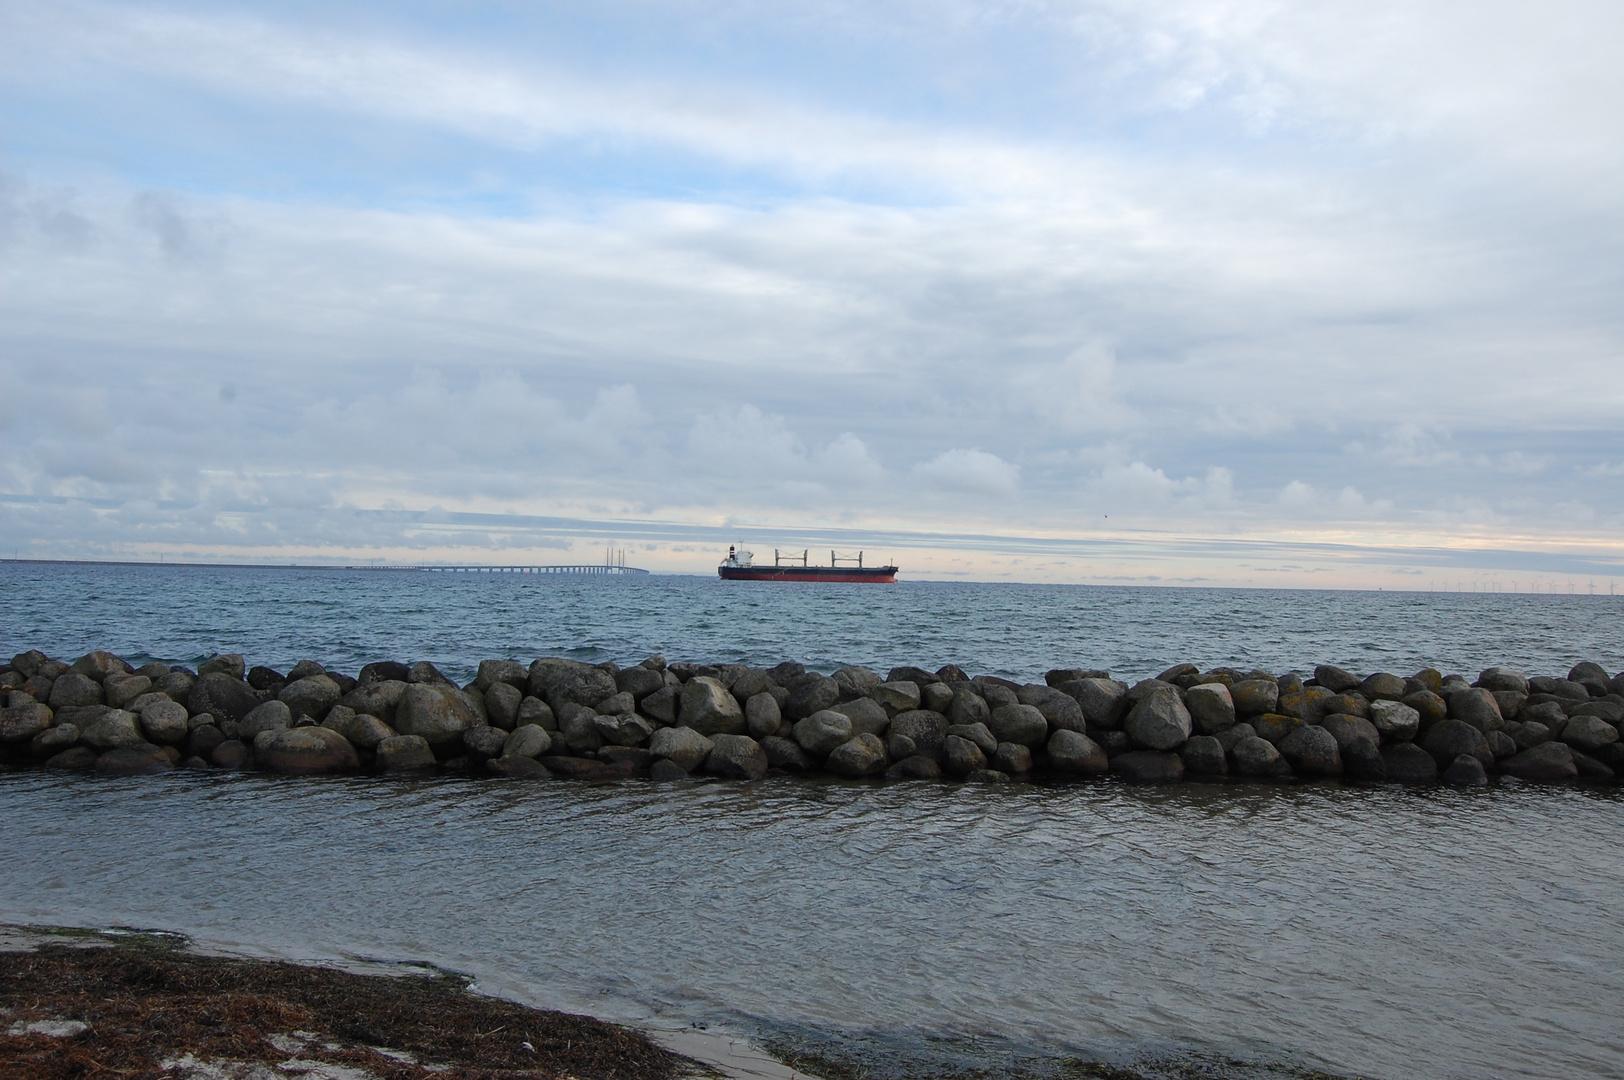 Öresündbrücke and Tanker